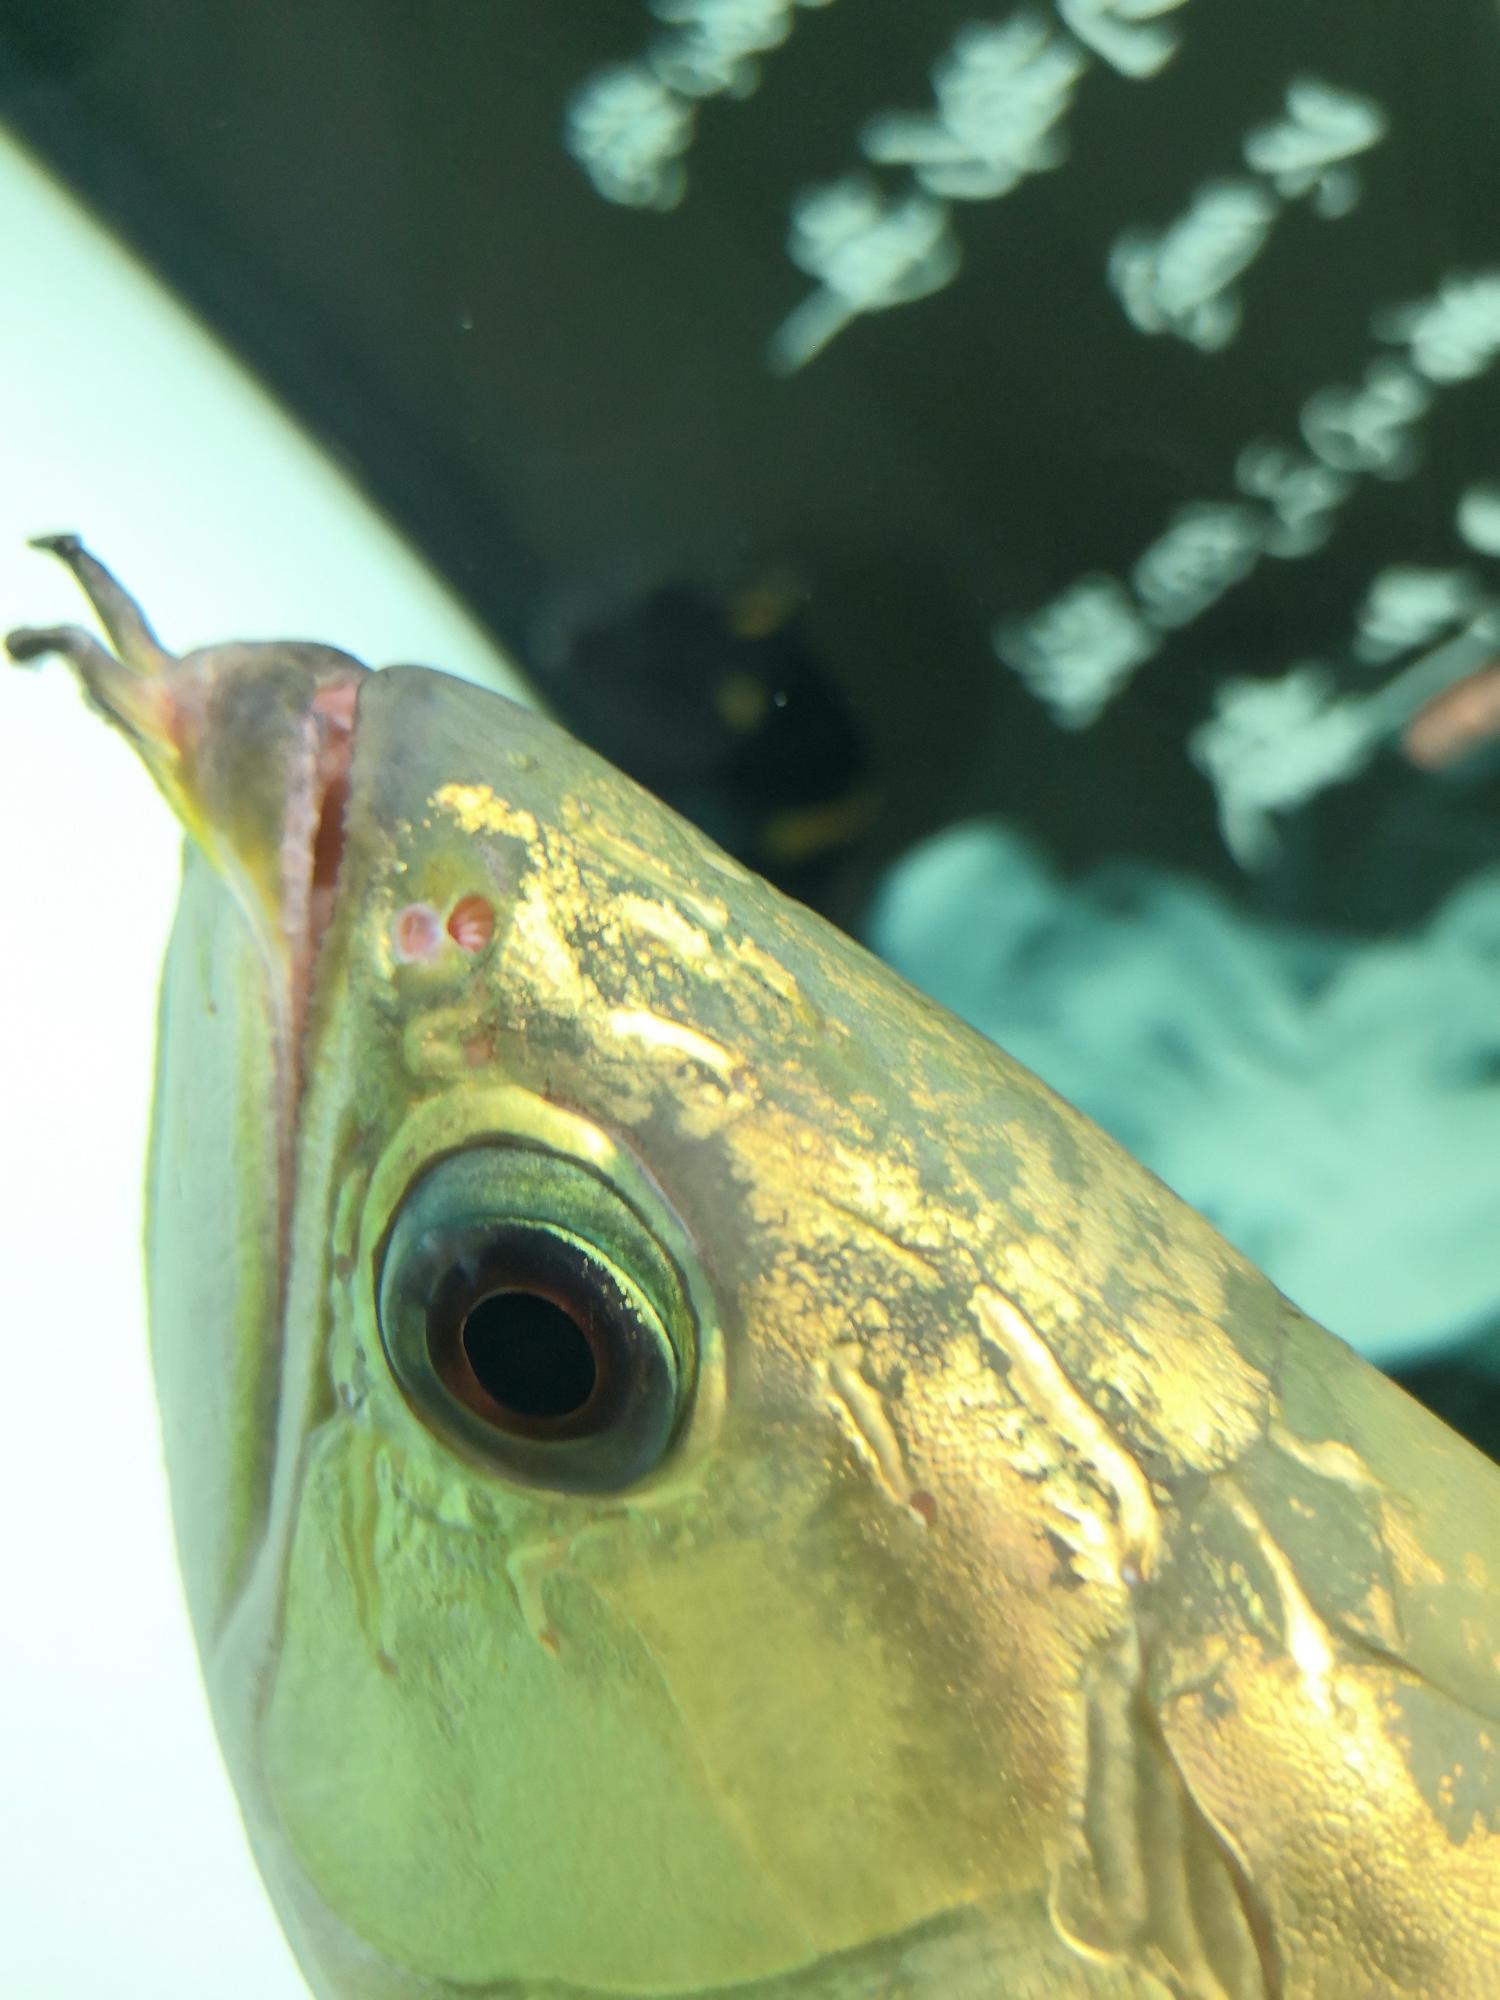 北京黑云(大吉大利)鱼哪个店的最好龙鱼蒙眼怎么治